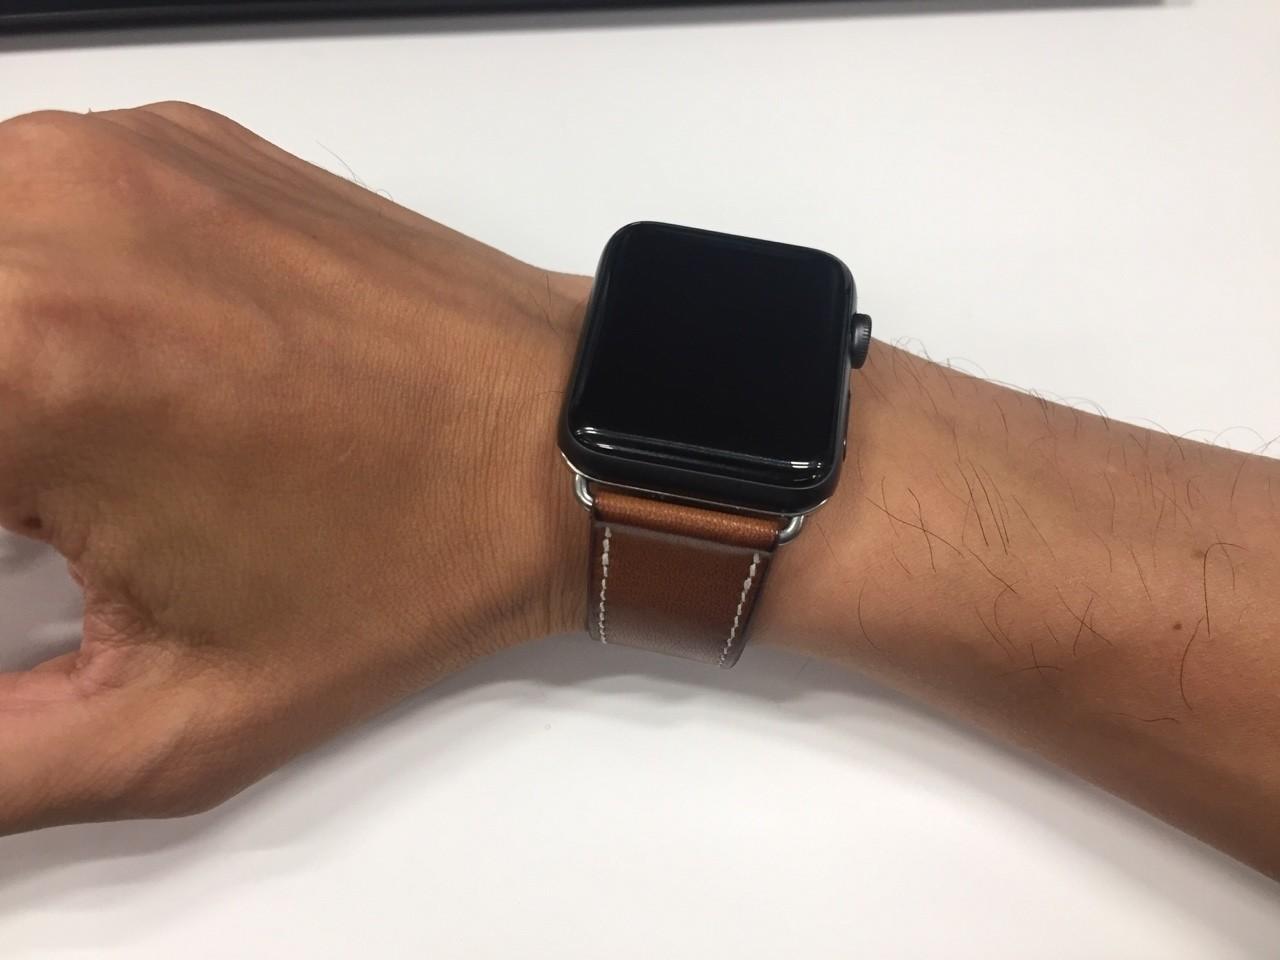 new arrivals 54216 c34a4 Apple Watchのエルメスベルト、本物と偽物を比較してみた ある ...